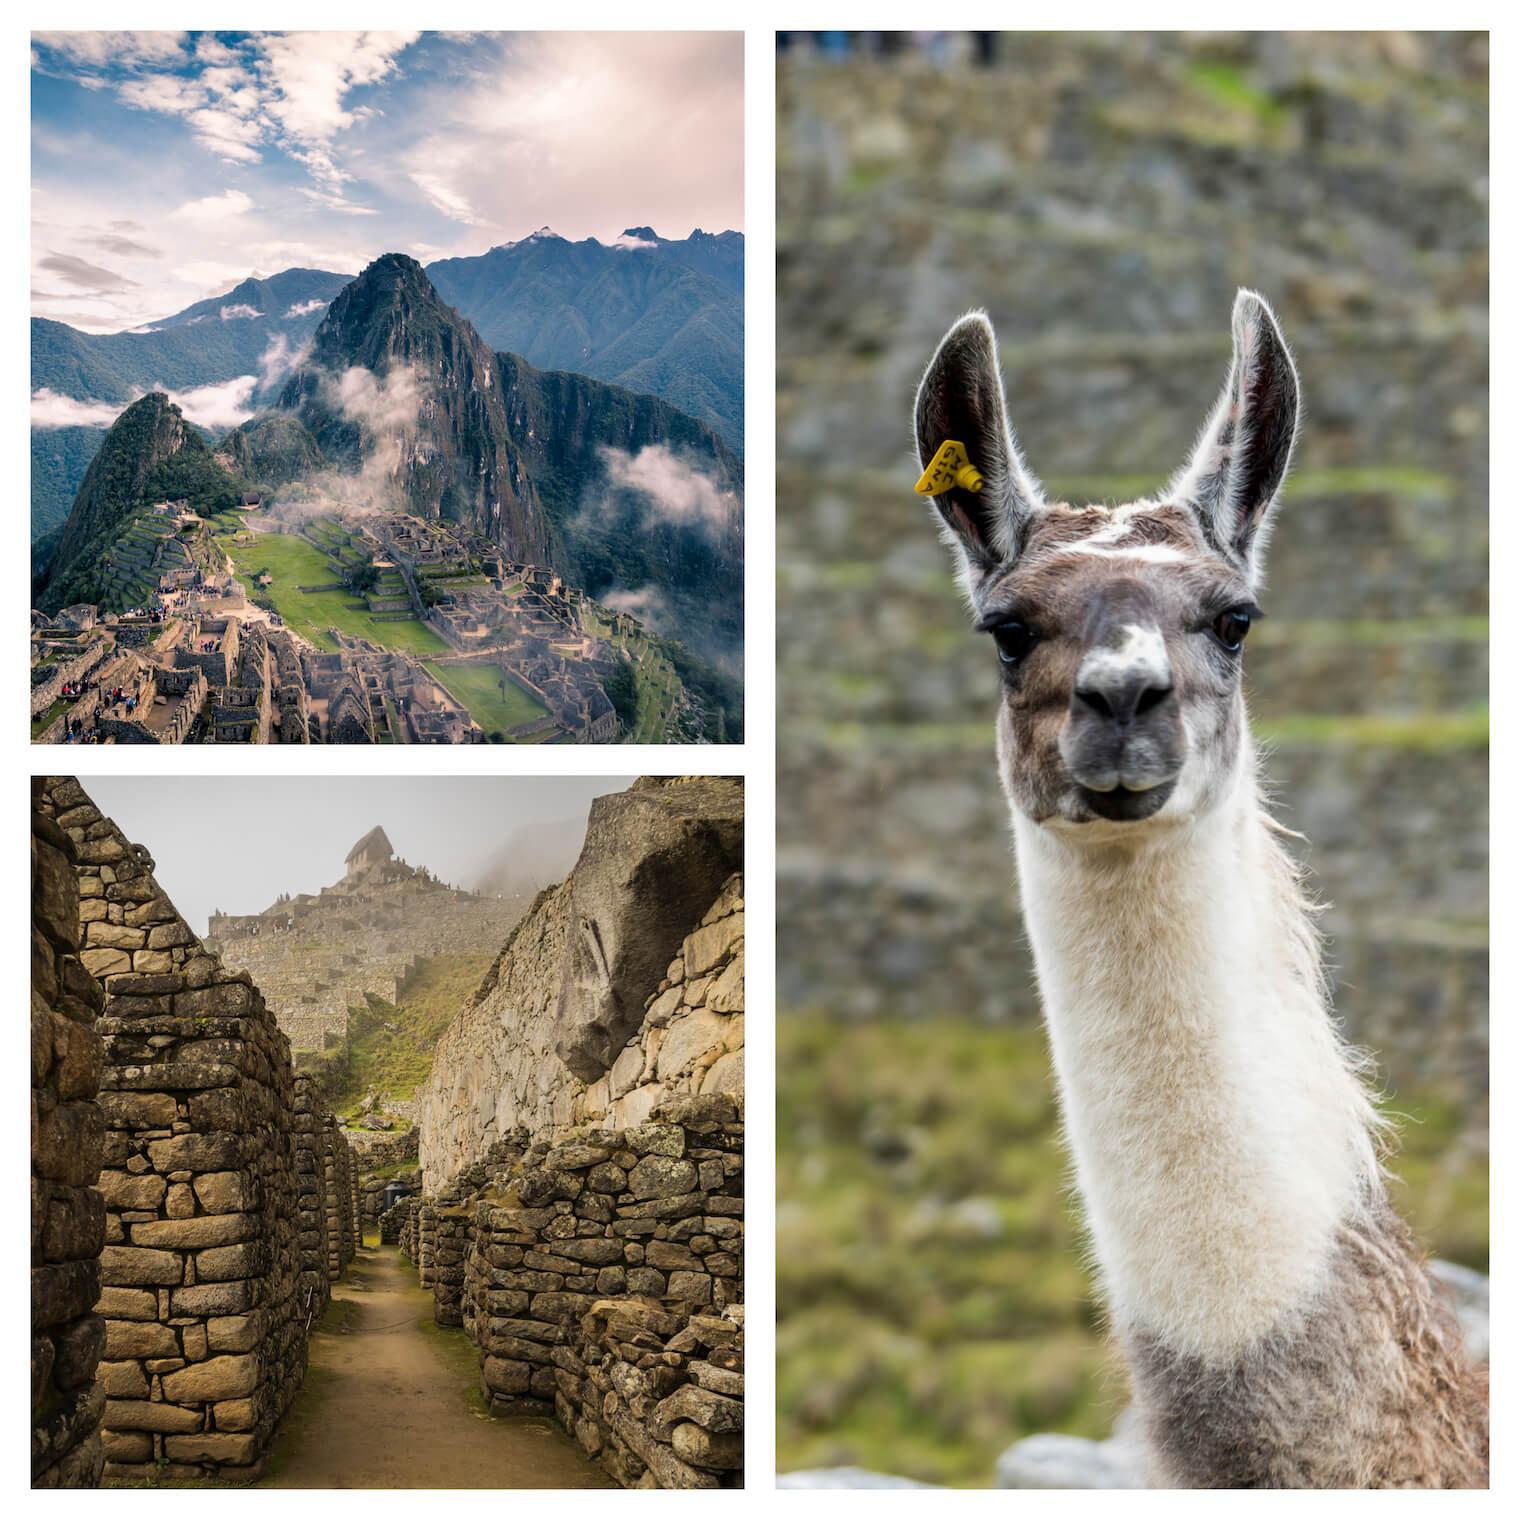 3 fotos: na esquerda superior, a famosa vista da rocha de Machu Picchu com as ruinas logo abaixo. Esquerda inferior: vista das ruinas. Em destaque na direita: uma lhama olhando para a câmera.